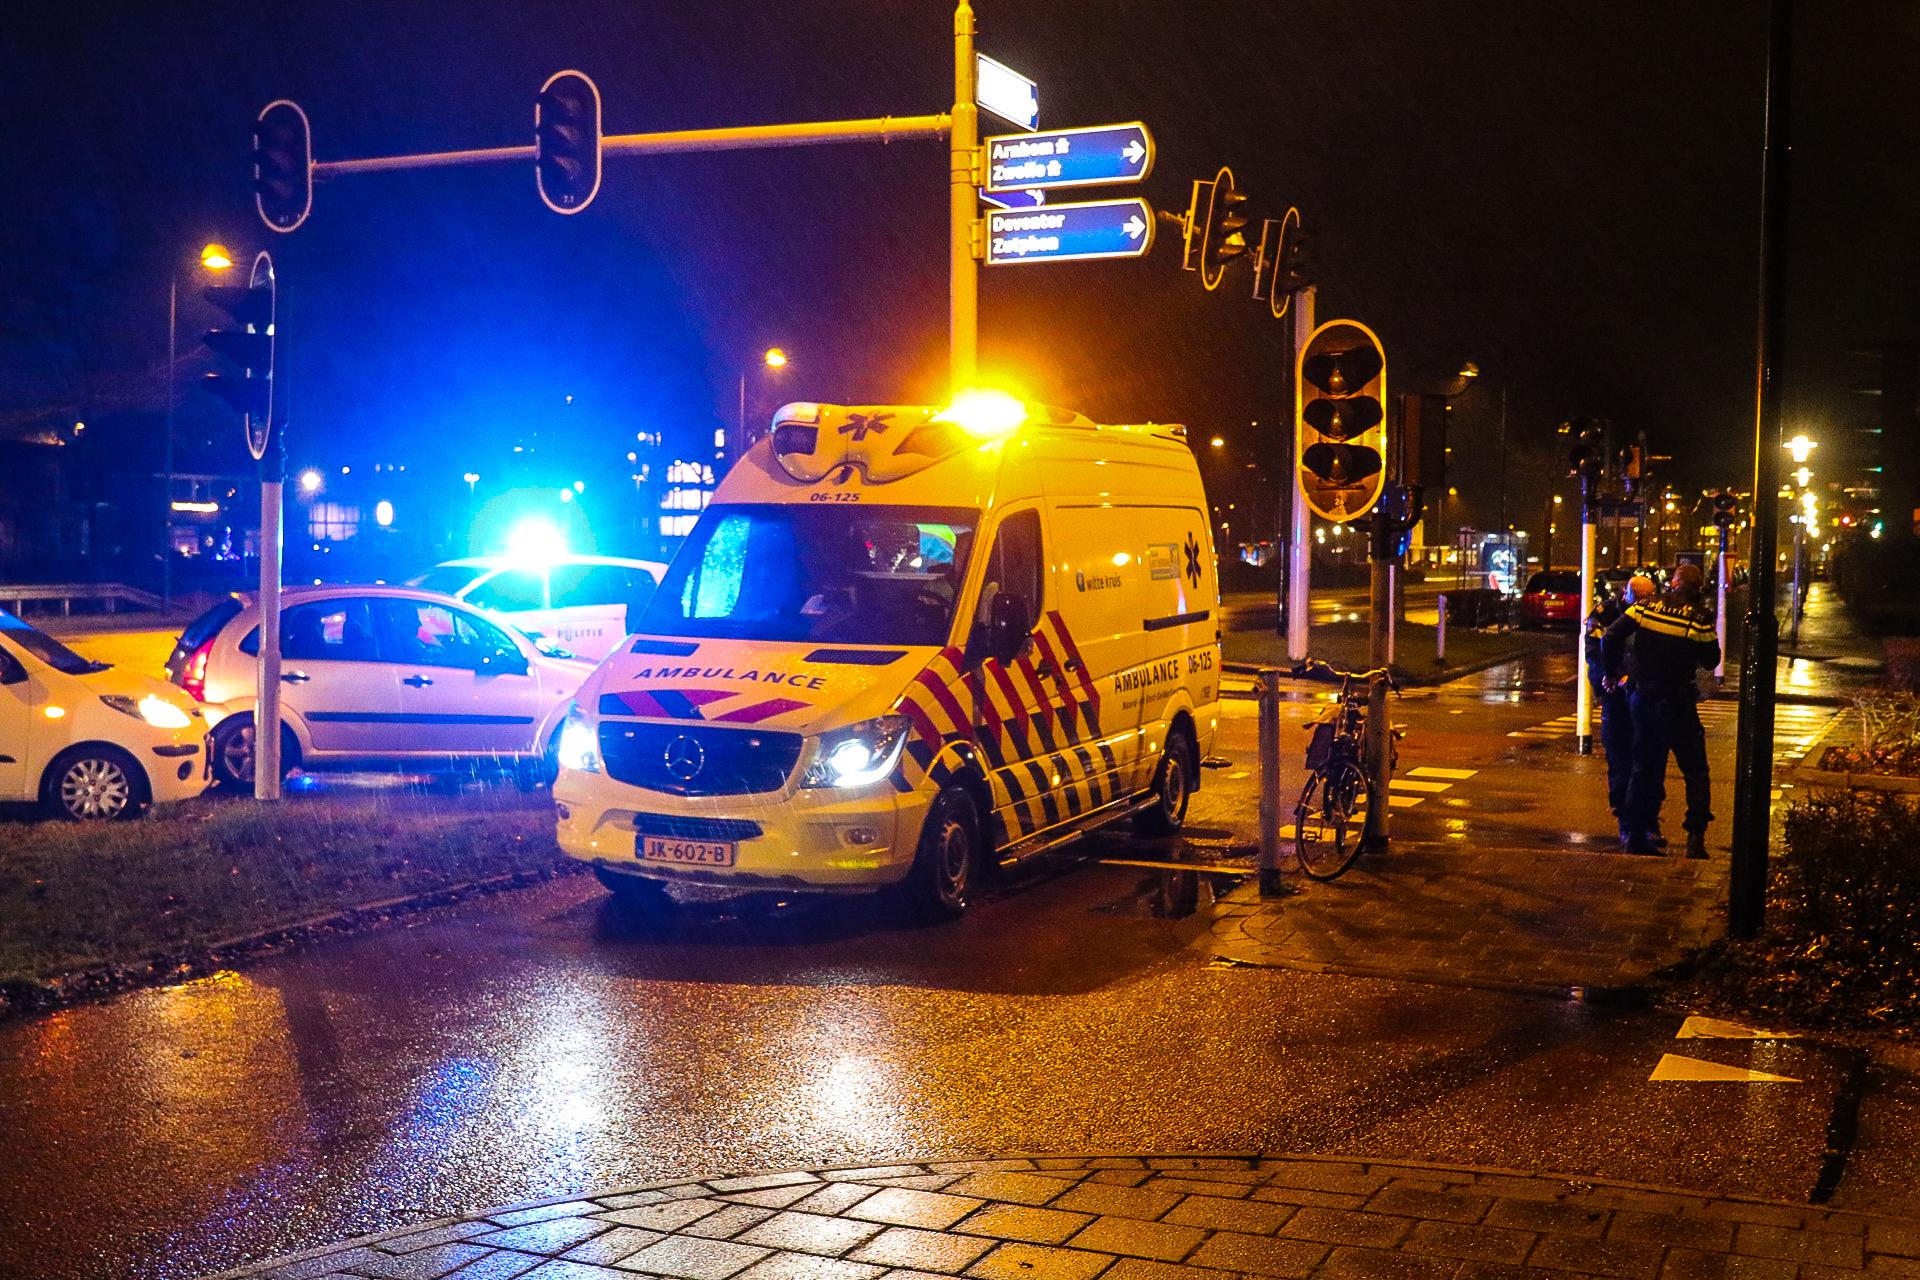 Fietser gewond achter gelaten na botsing in Apeldoorn; Politie zoekt doorrijder